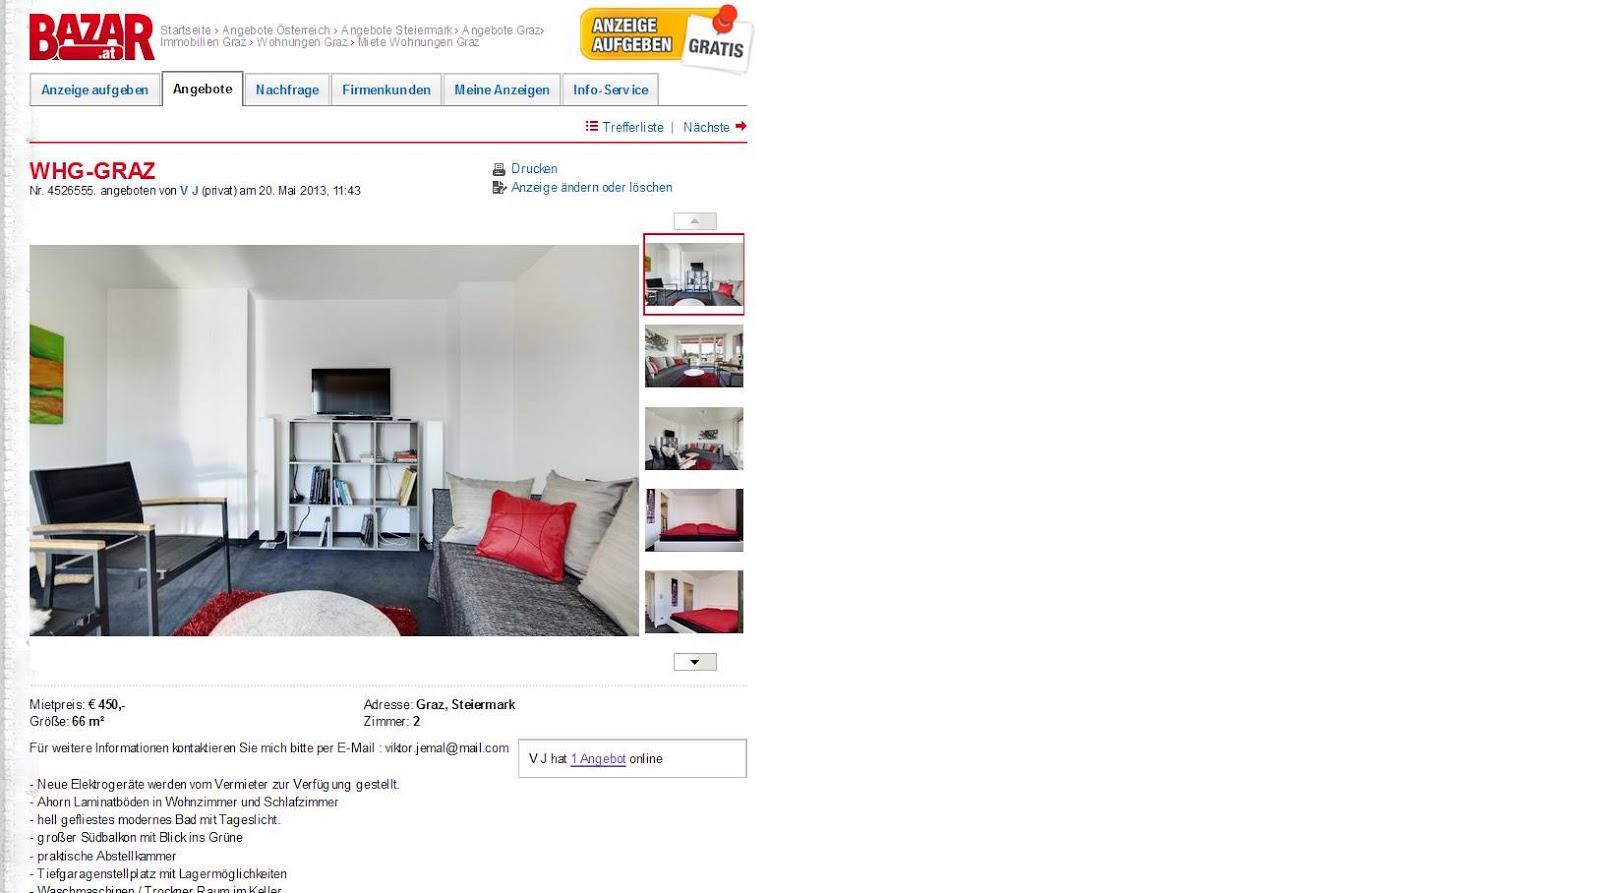 graz steiermark wien 7 neubau wien. Black Bedroom Furniture Sets. Home Design Ideas